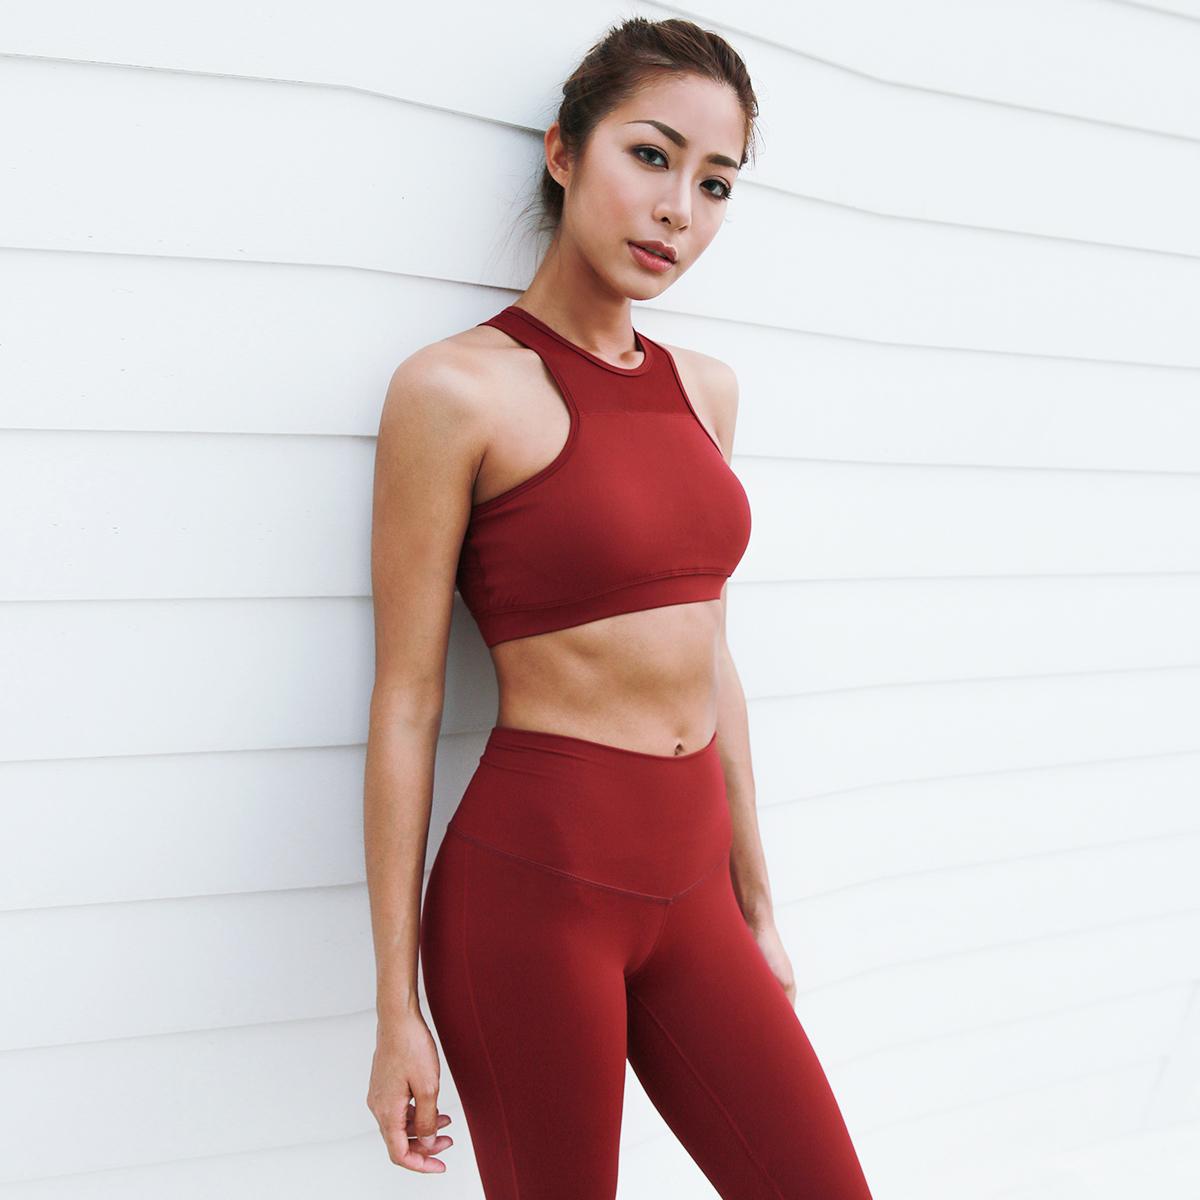 La Nikar плотно спортивные брюки женщина фитнес бег быстросохнущие высокоэластичный воздухопроницаемый тонкий йога фитнес спортивный набор наряд